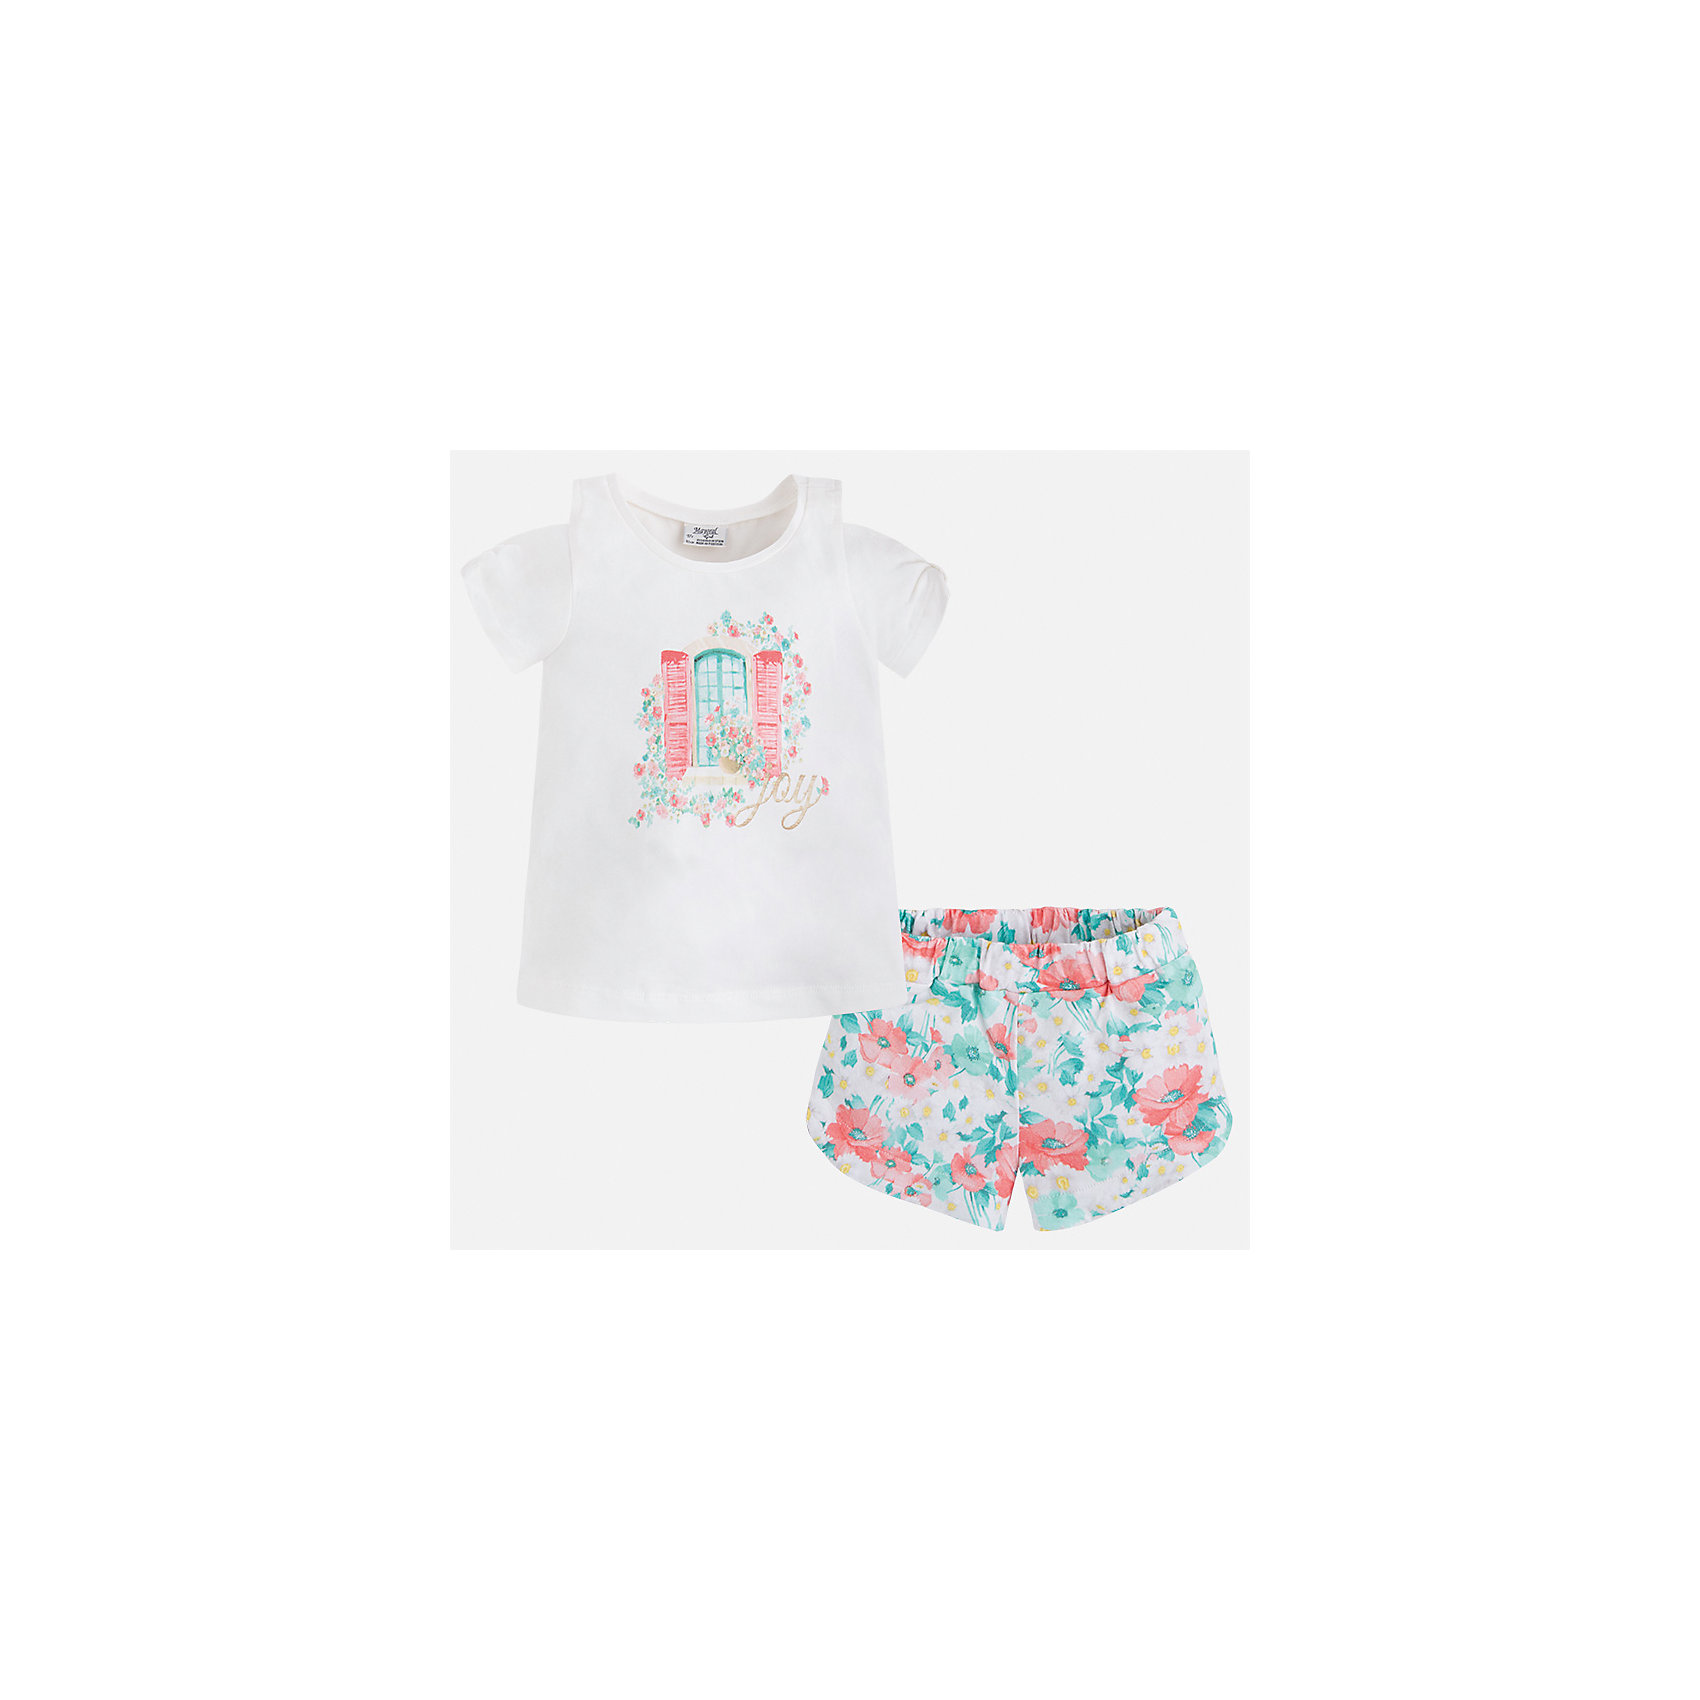 Комплект: футболка с длинным рукавом и шорты для девочки MayoralКомплекты<br>Характеристики товара:<br><br>• цвет: белый/мультиколор<br>• состав: 95% хлопок, 5% эластан<br>• комплектация: футболка, шорты<br>• футболка декорирована принтом<br>• шорты с принтом<br>• пояс на резинке<br>• страна бренда: Испания<br><br>Стильный качественный комплект для девочки поможет разнообразить гардероб ребенка и удобно одеться в теплую погоду. Он отлично сочетается с другими предметами. Универсальный цвет позволяет подобрать к вещам верхнюю одежду практически любой расцветки. Интересная отделка модели делает её нарядной и оригинальной. В составе материала - натуральный хлопок, гипоаллергенный, приятный на ощупь, дышащий.<br><br>Одежда, обувь и аксессуары от испанского бренда Mayoral полюбились детям и взрослым по всему миру. Модели этой марки - стильные и удобные. Для их производства используются только безопасные, качественные материалы и фурнитура. Порадуйте ребенка модными и красивыми вещами от Mayoral! <br><br>Комплект для девочки от испанского бренда Mayoral (Майорал) можно купить в нашем интернет-магазине.<br><br>Ширина мм: 191<br>Глубина мм: 10<br>Высота мм: 175<br>Вес г: 273<br>Цвет: синий<br>Возраст от месяцев: 96<br>Возраст до месяцев: 108<br>Пол: Женский<br>Возраст: Детский<br>Размер: 134,92,98,110,116,122,104,128<br>SKU: 5289884